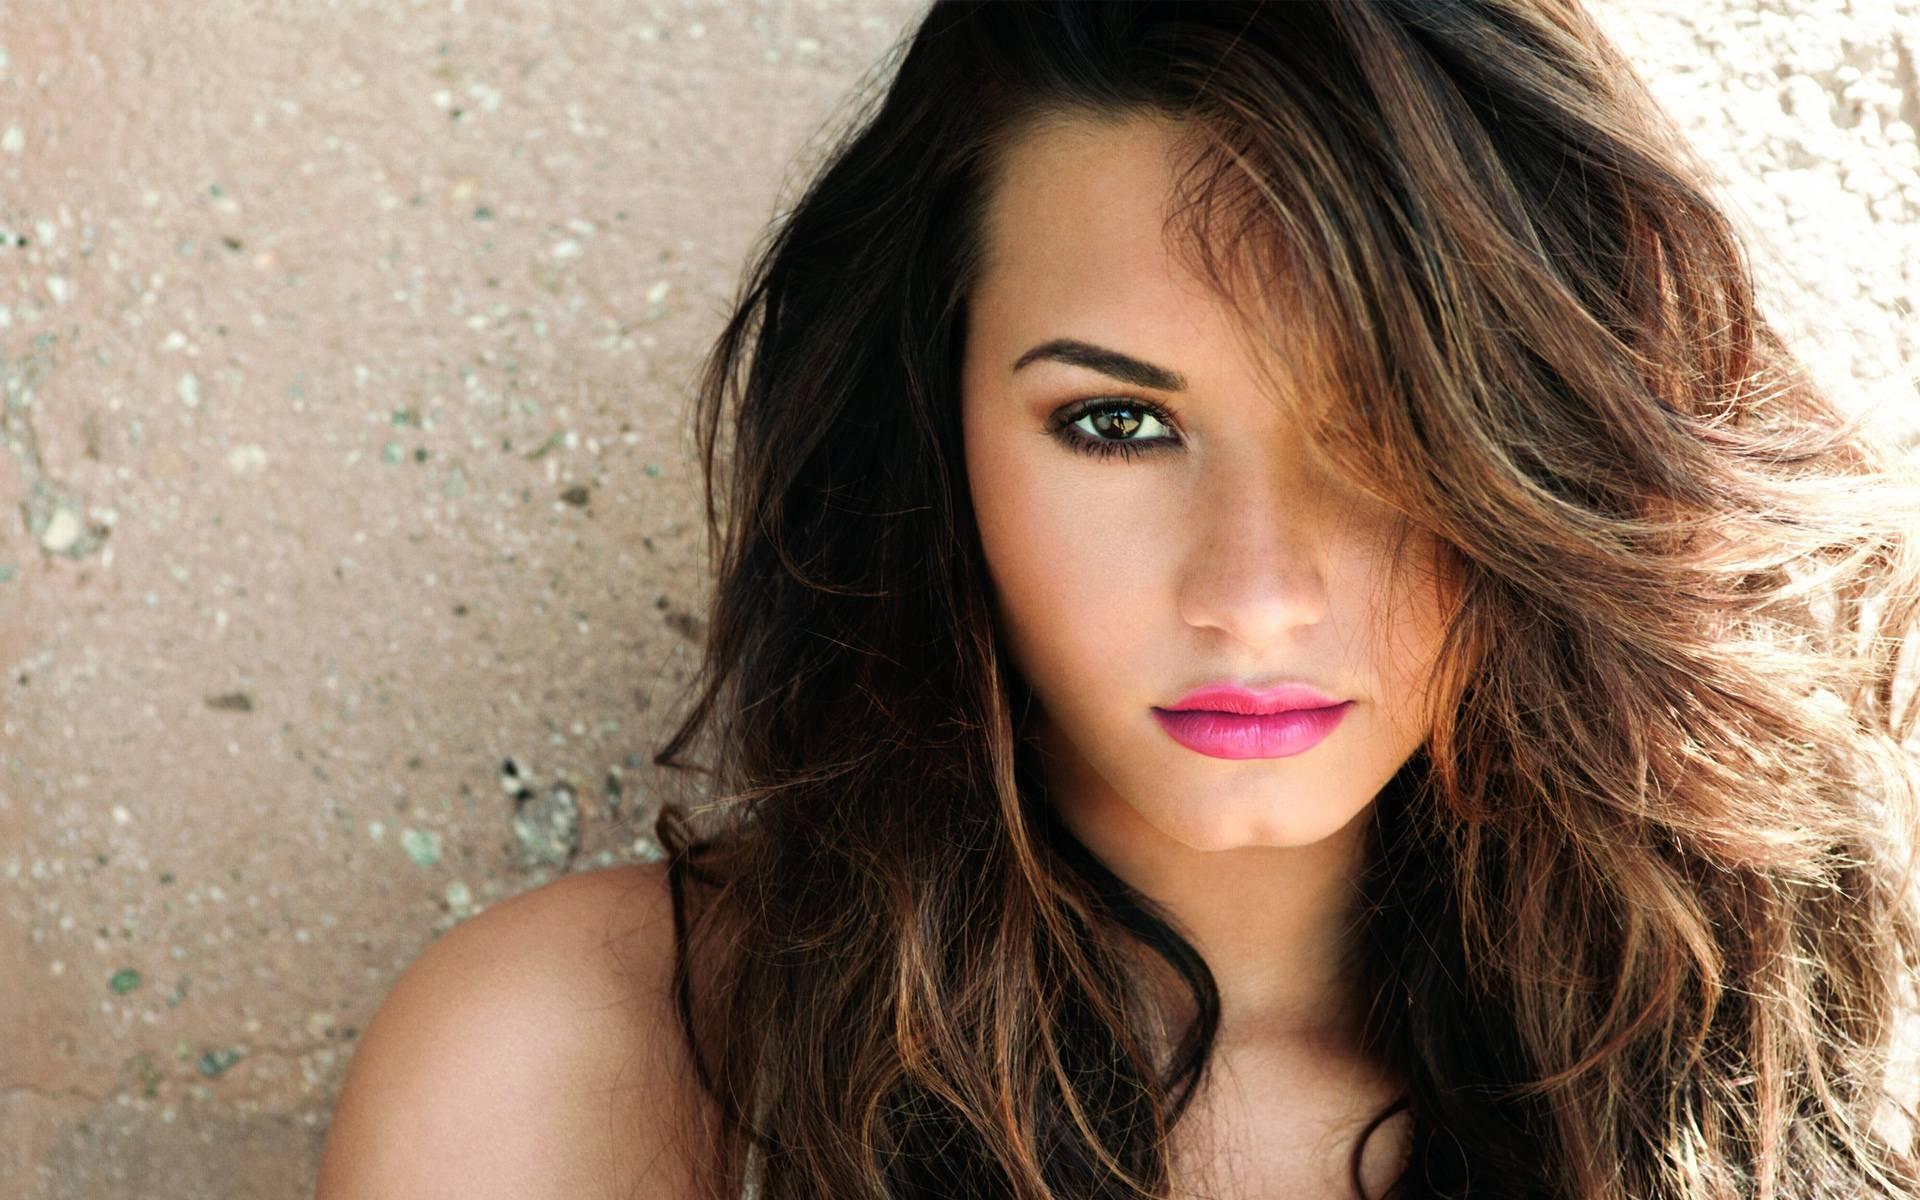 Demi Lovato 2014 Wallpaper